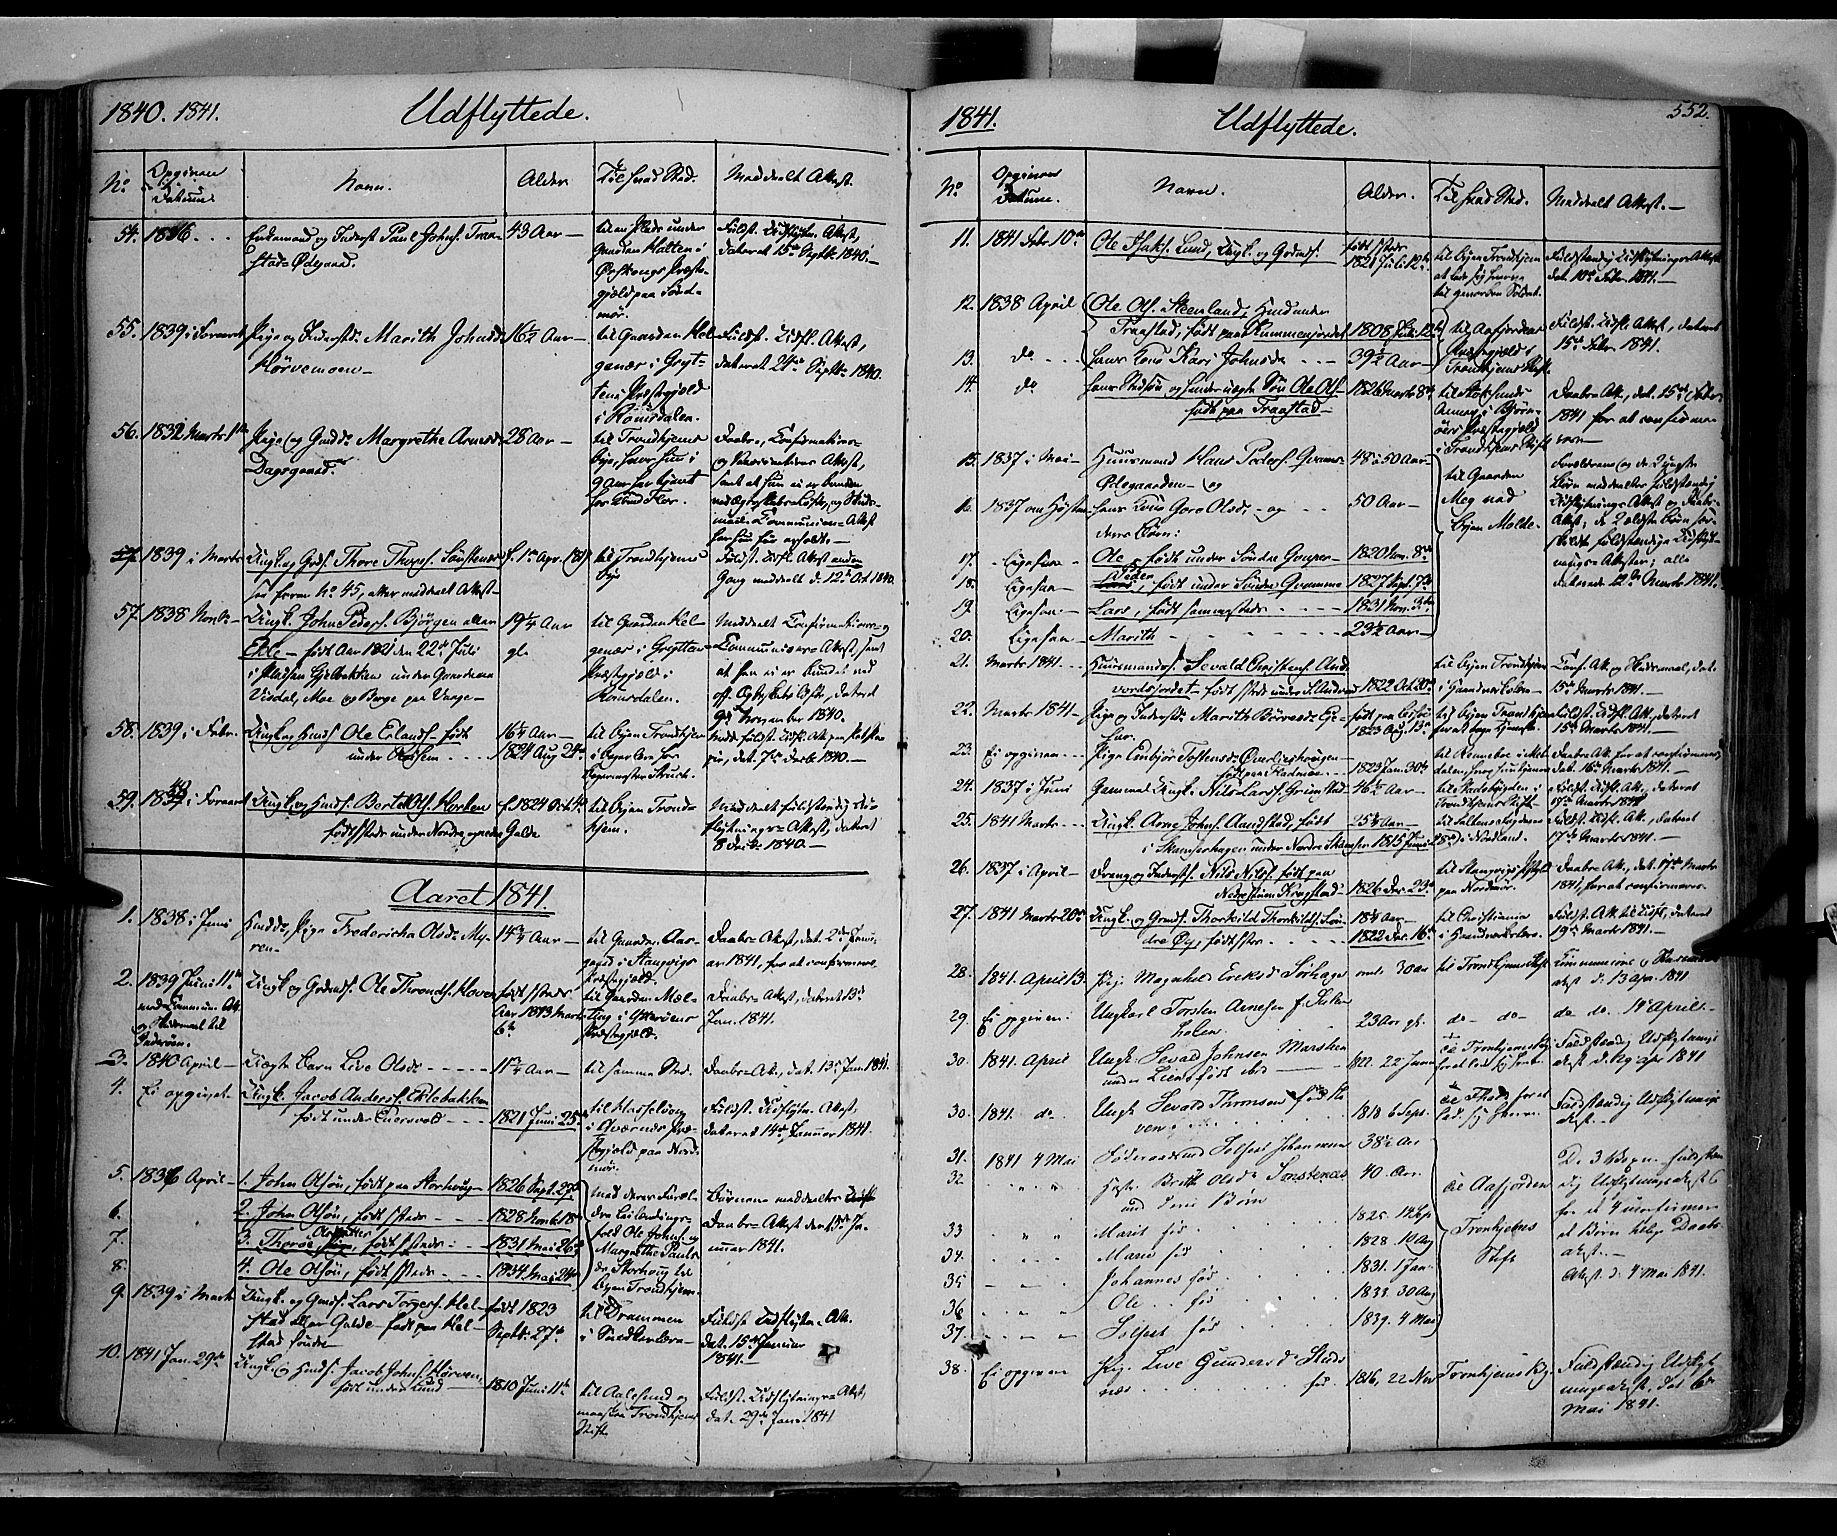 SAH, Lom prestekontor, K/L0006: Ministerialbok nr. 6B, 1837-1863, s. 552